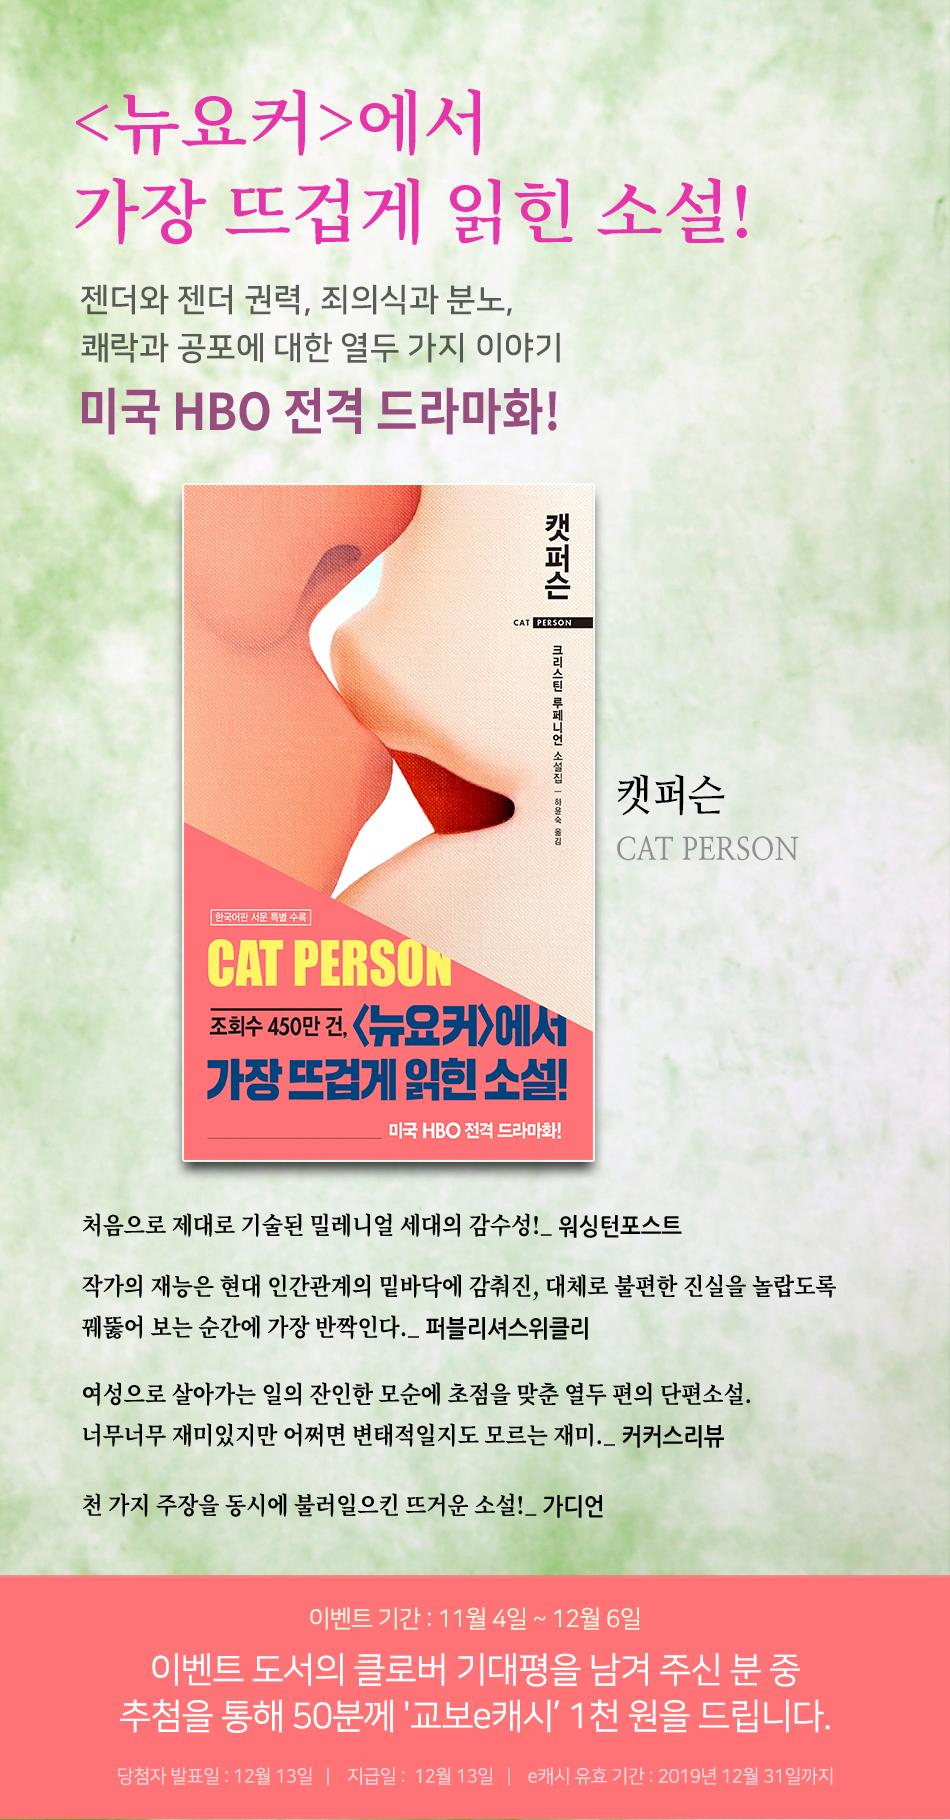 [e캐시] 화제작 <캣 퍼슨> 국내 출간